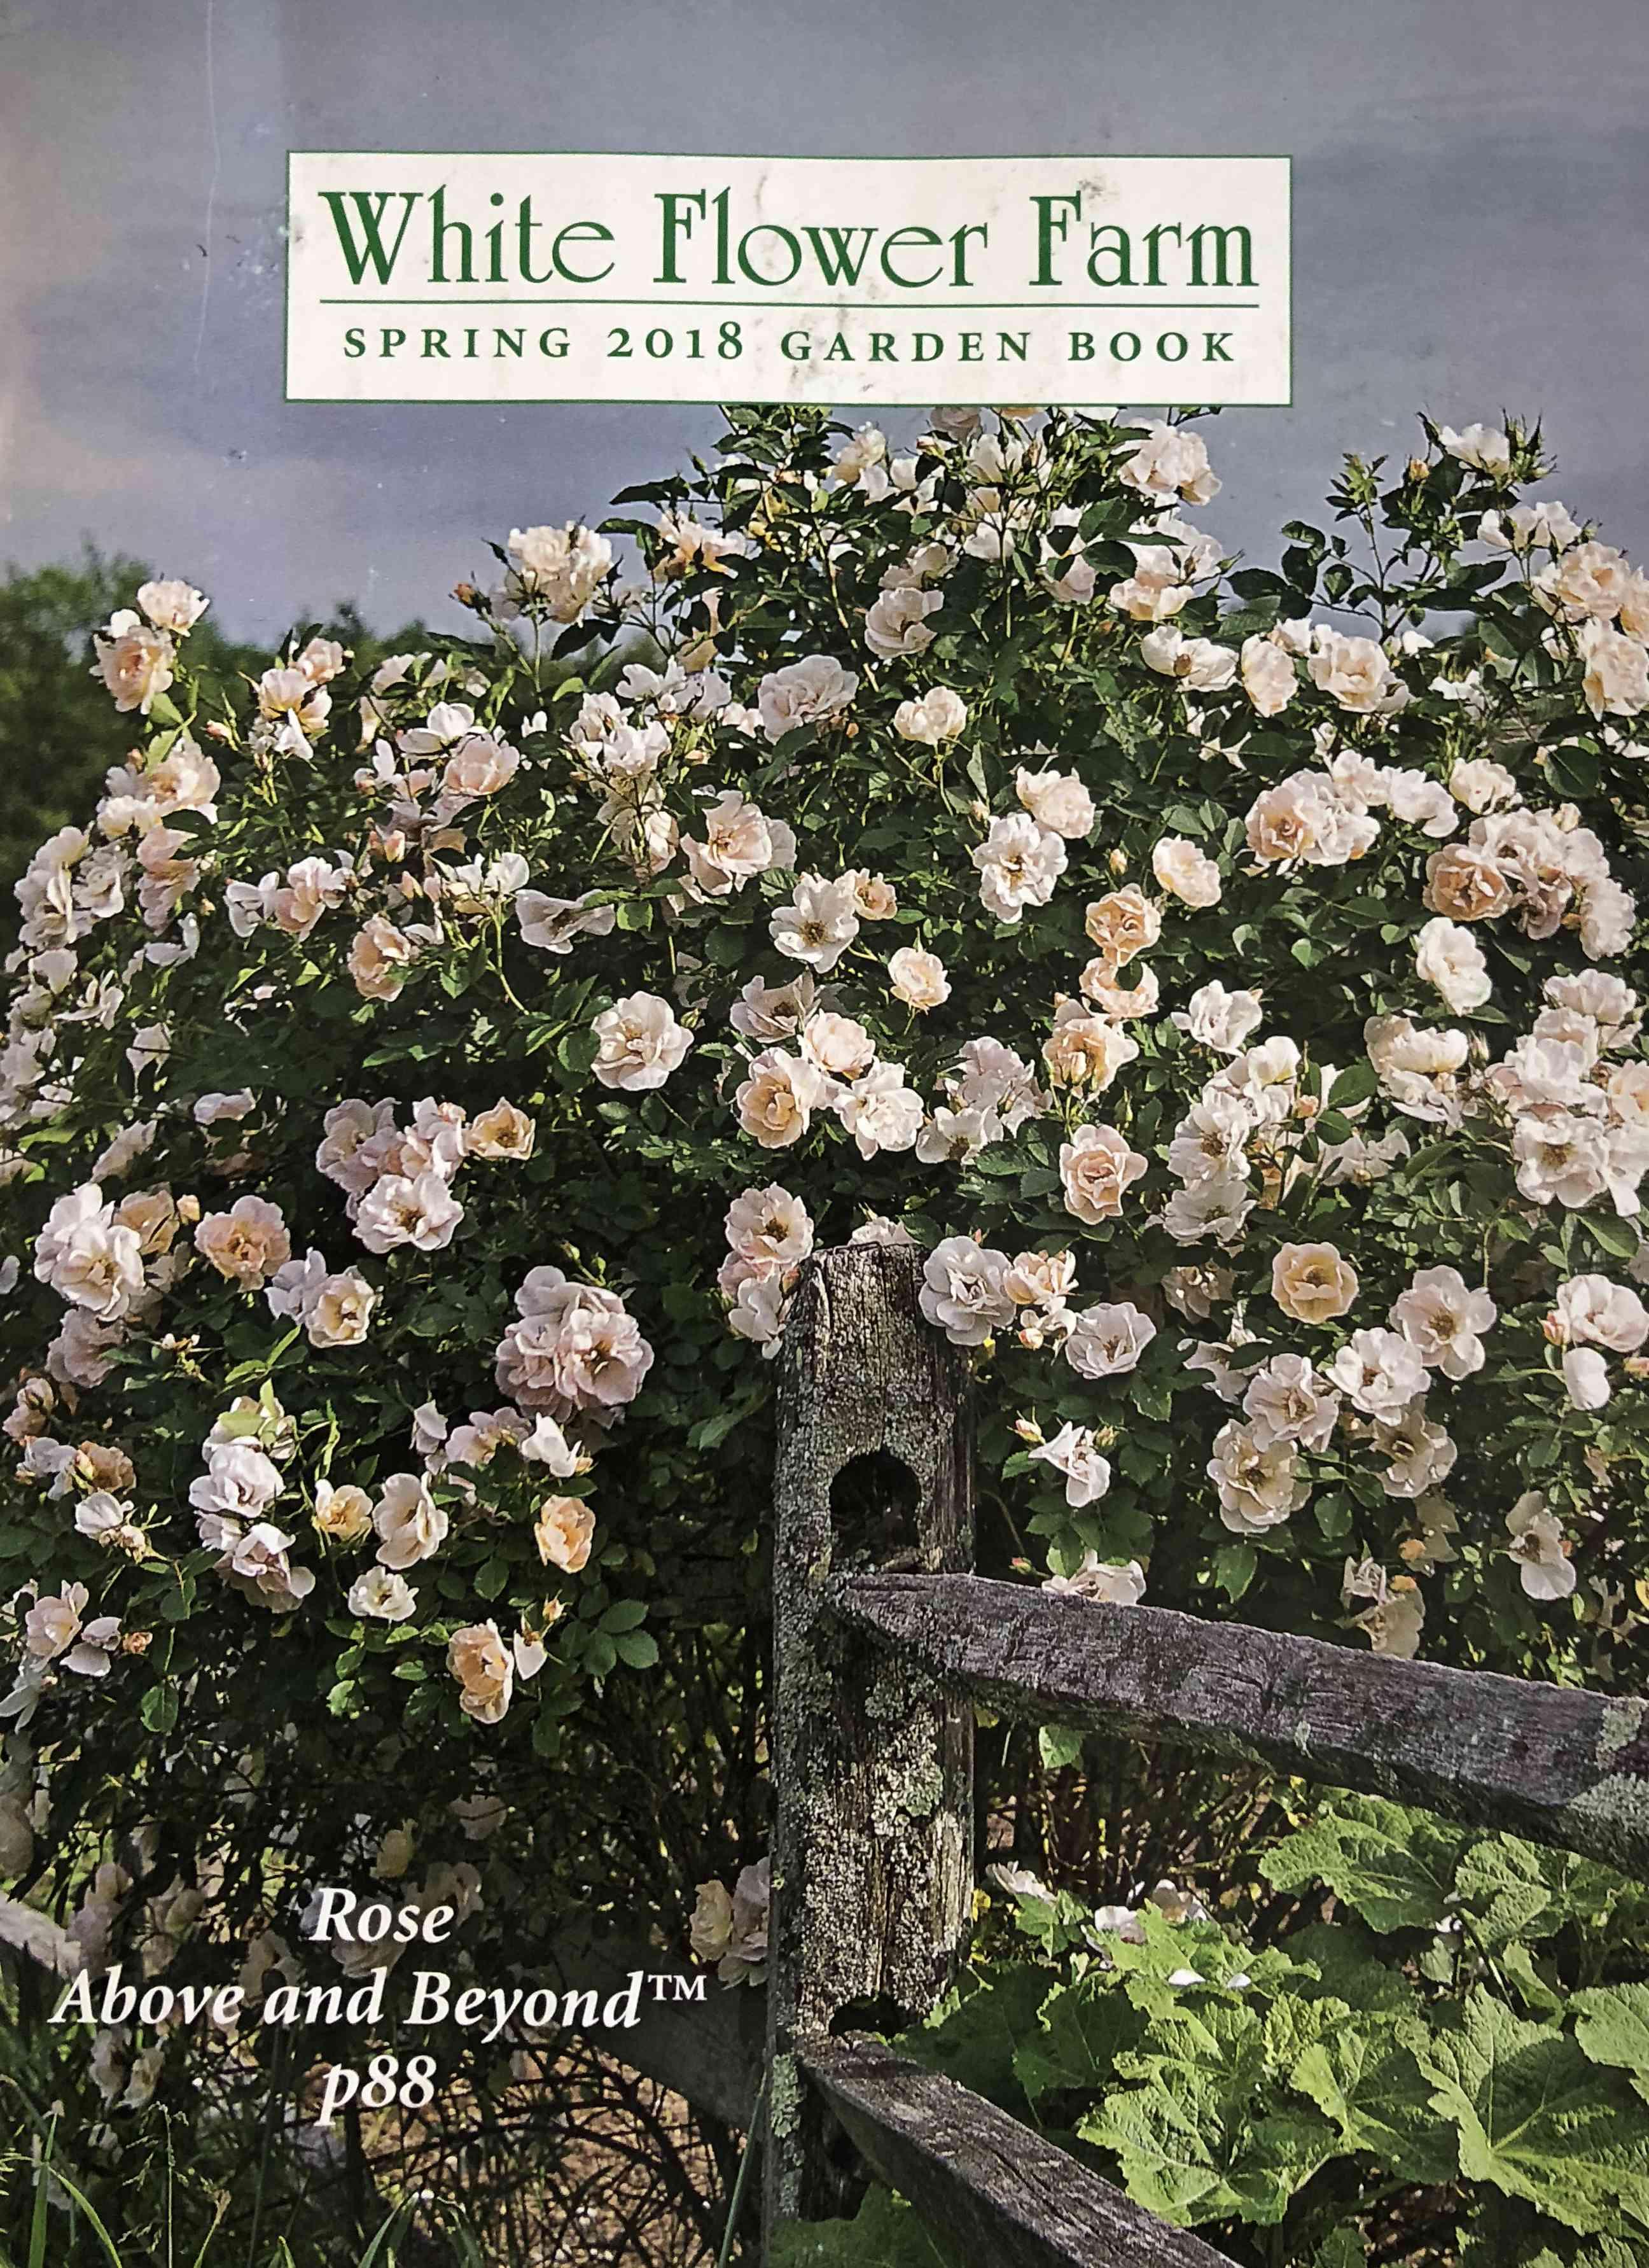 The 2018 White Flower Farm catalog